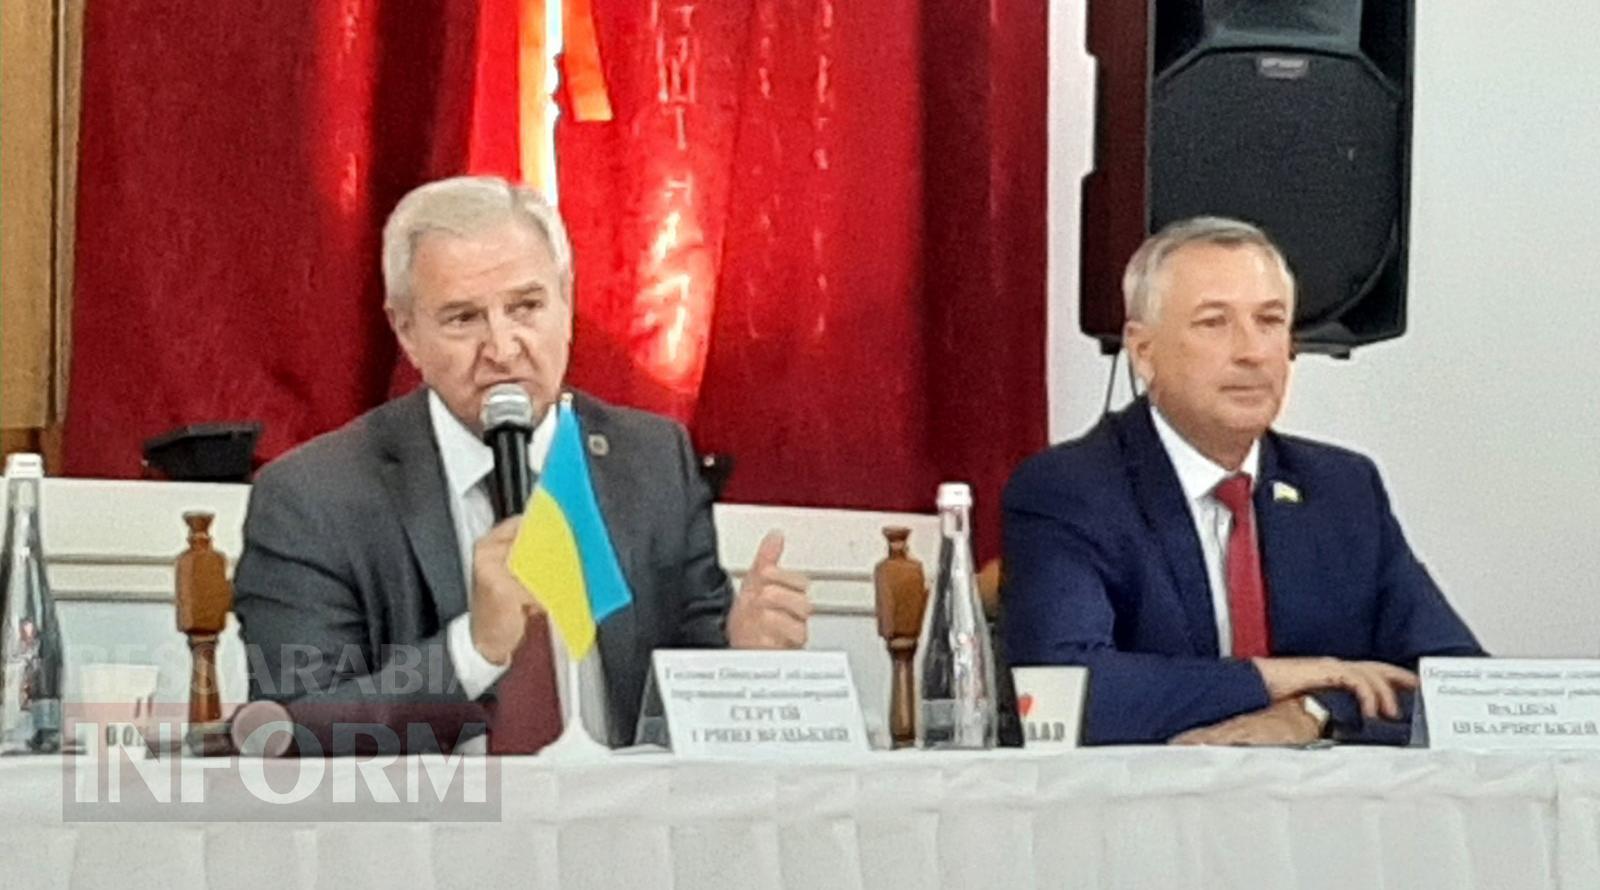 На празднование 200-летия Болграда прибыла официальная делегация из Болгарии: обсуждали развитие двусторонних отношений